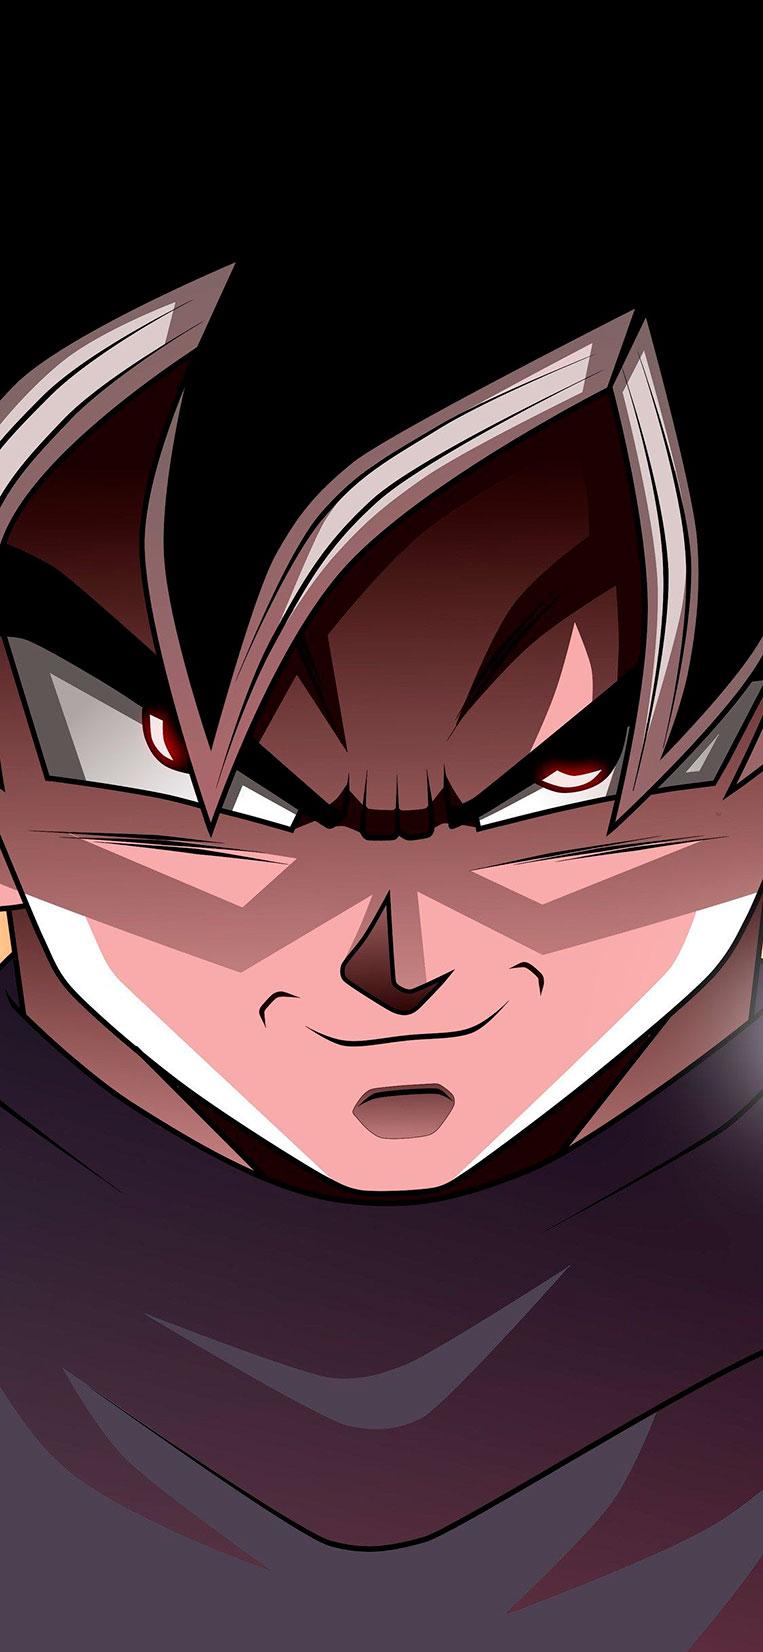 24 Imagens Do Goku Que Vão Te Surpreender Universo Estendido